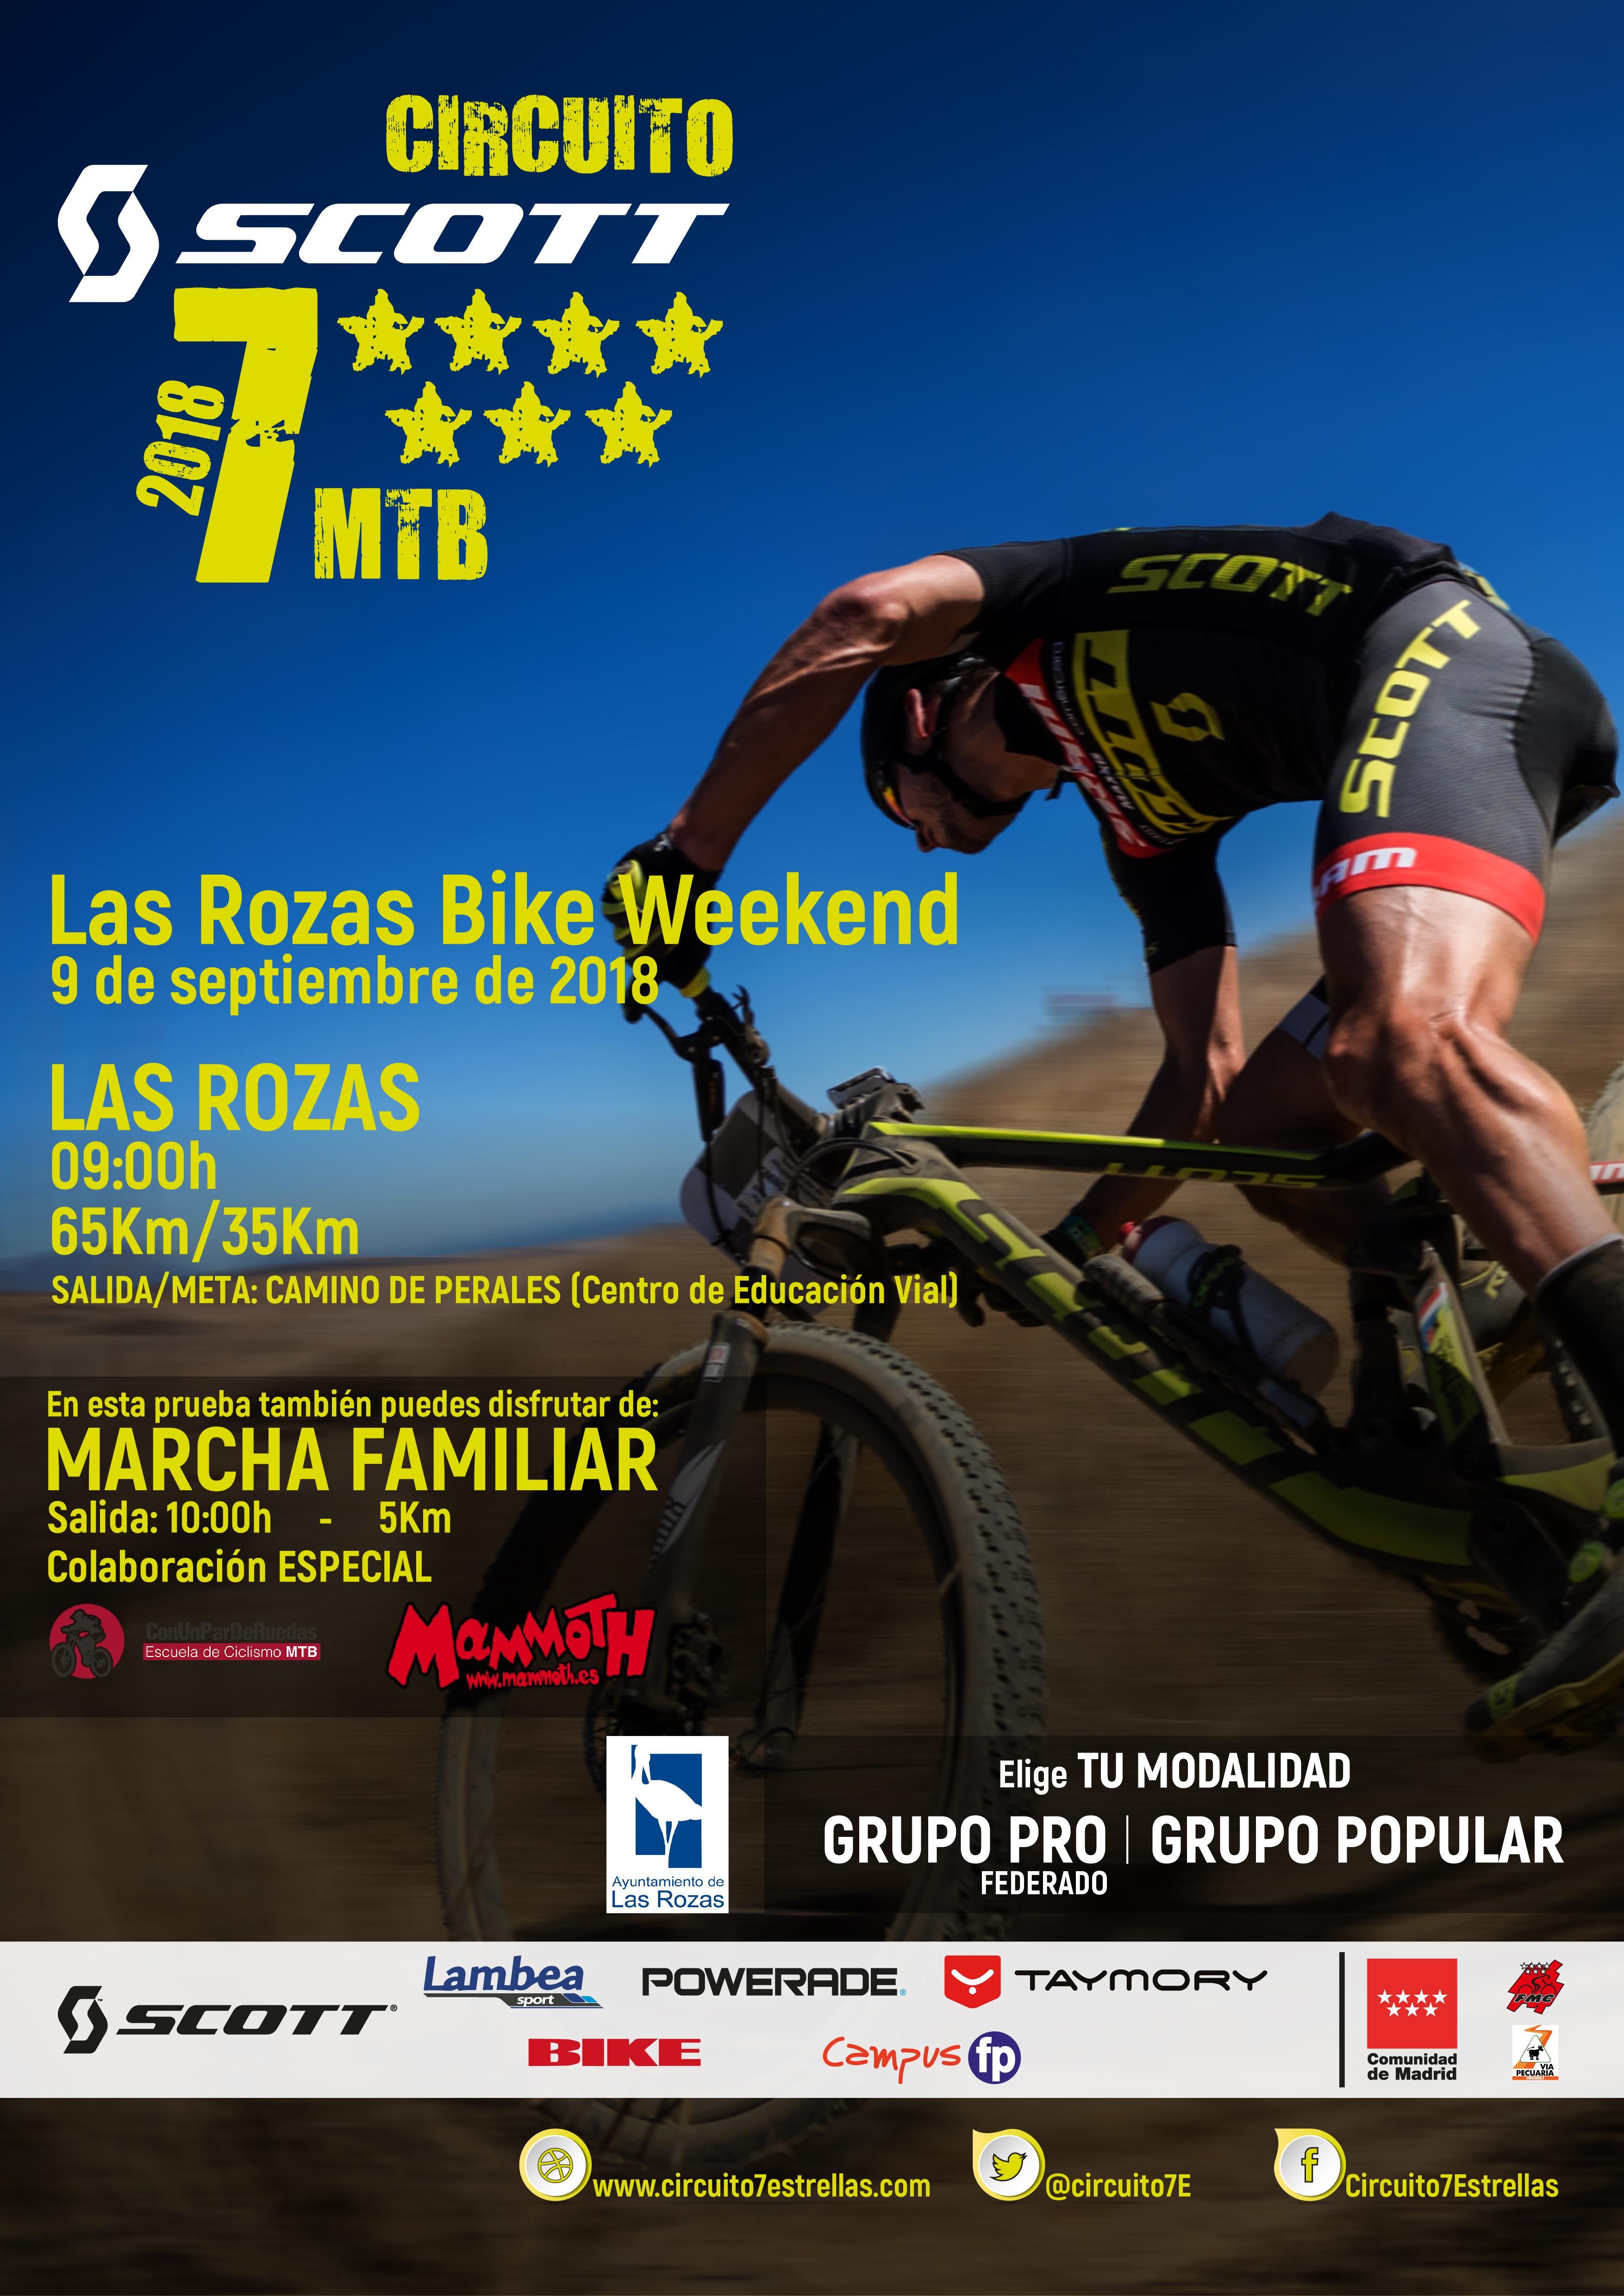 Las Rozas Bike Weekend. MTB 7 Estrellas